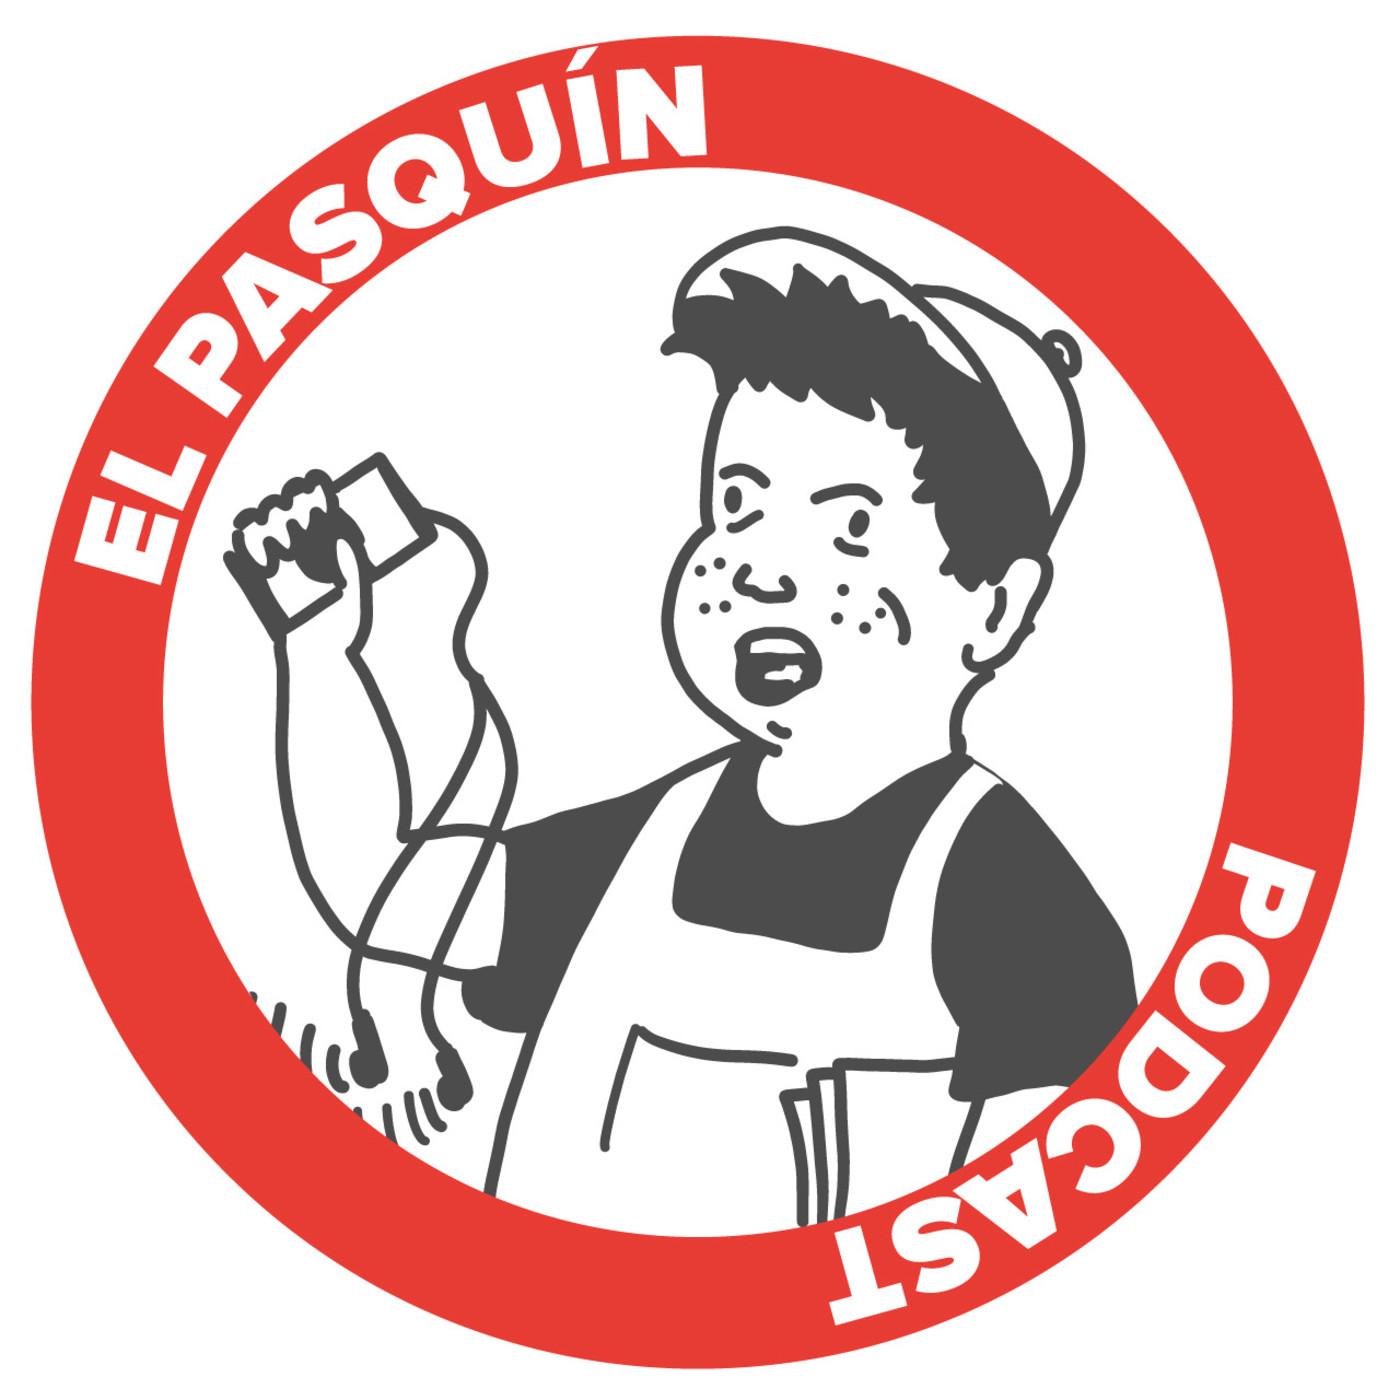 Pasquin